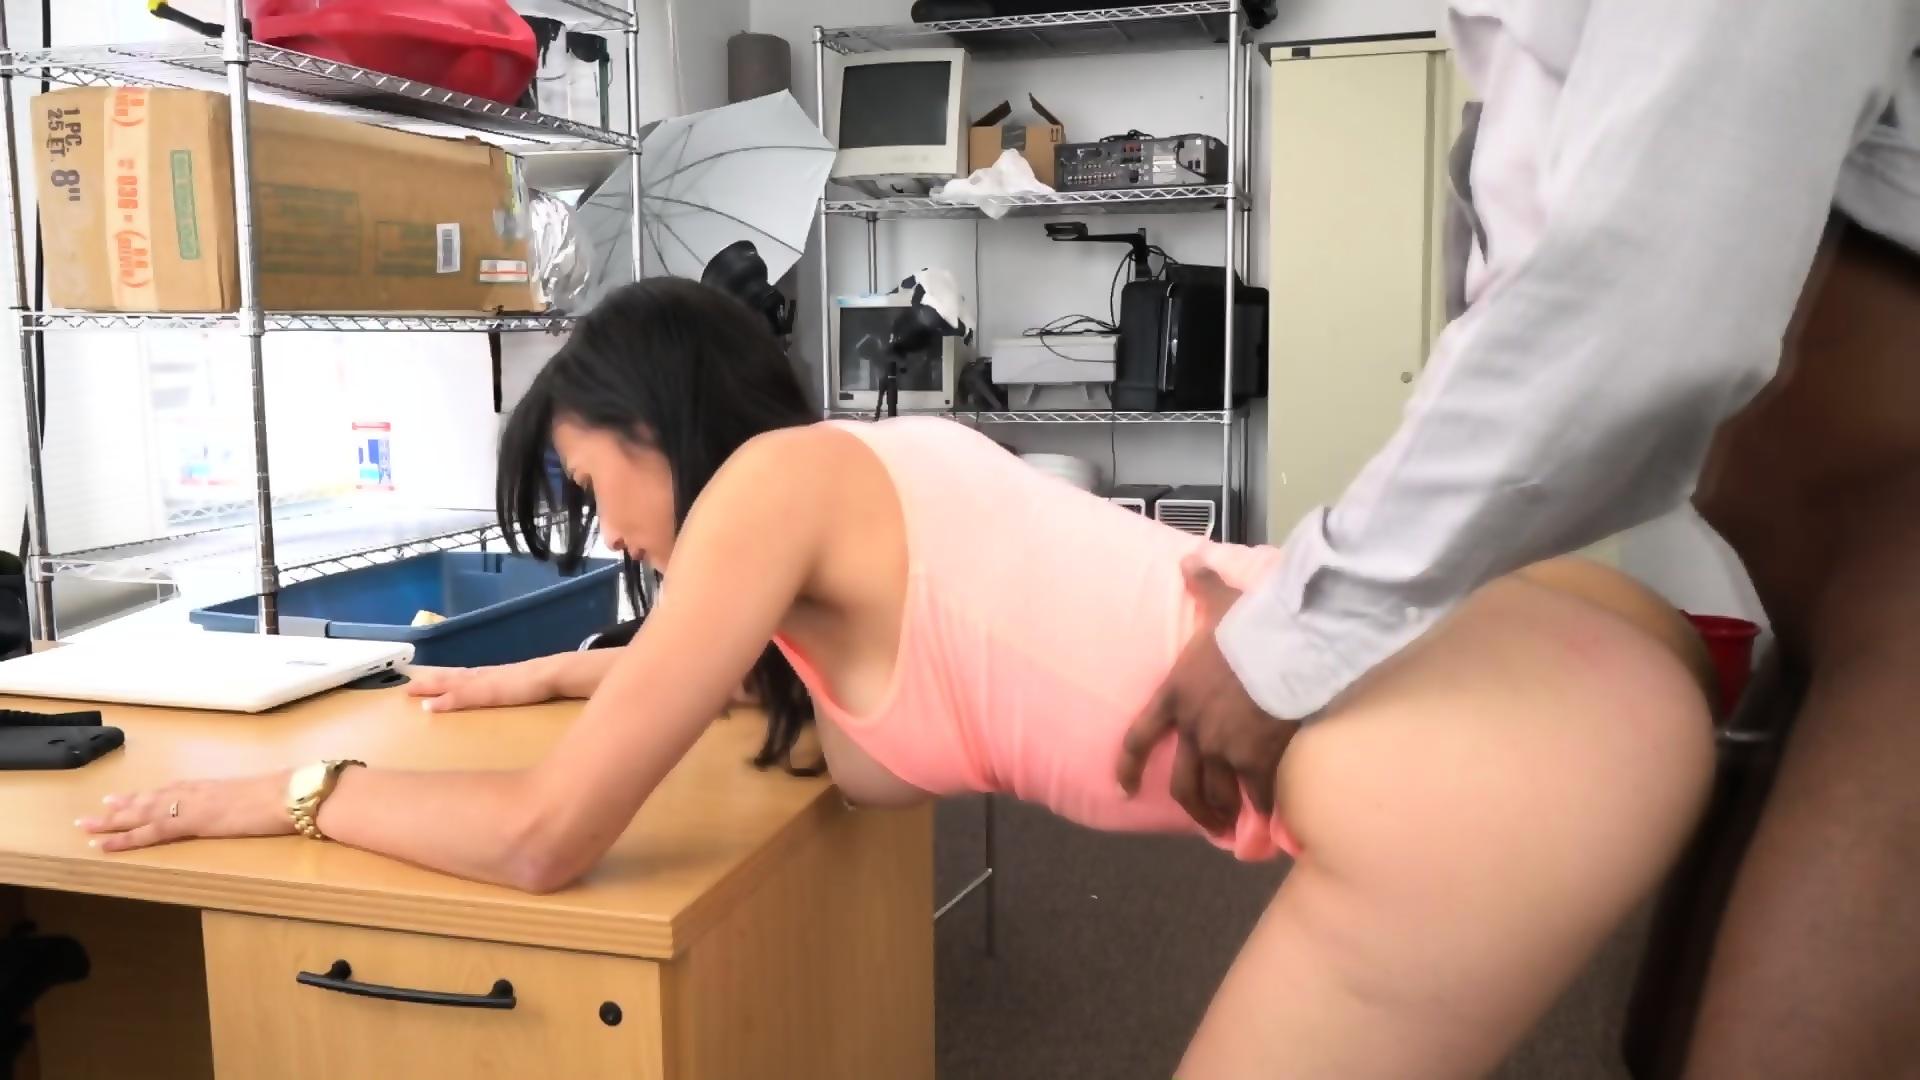 Job interview sex video